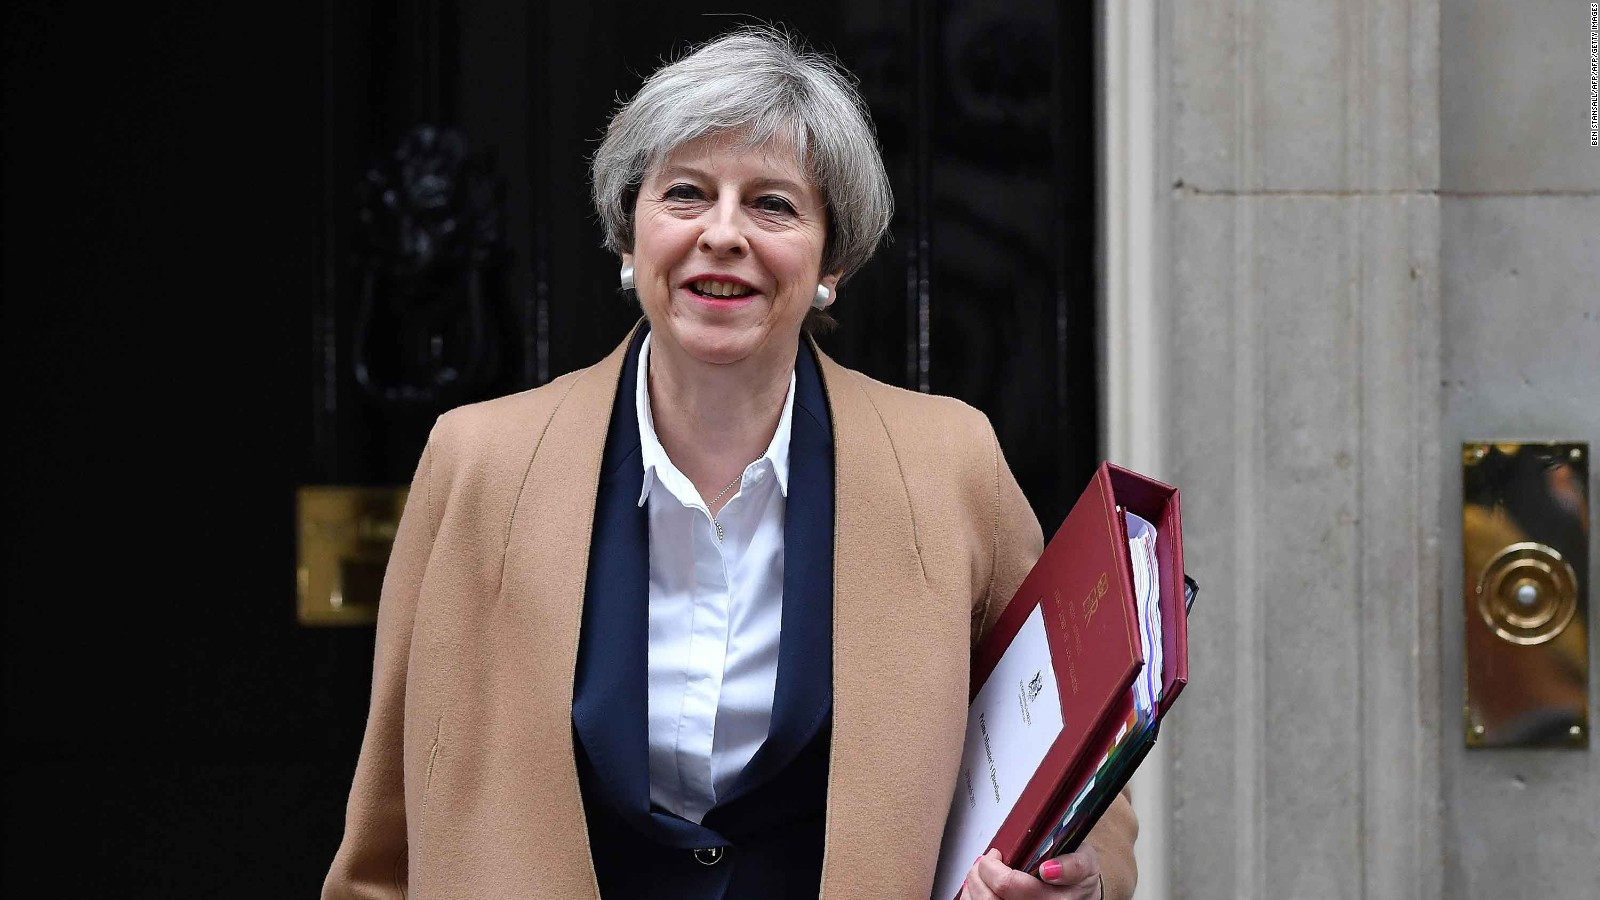 """""""Brexito"""" gali tekti palaukti: ES pasiruošusi atidėti išsiskyrimą su D.Britanija iki 2020 metų"""